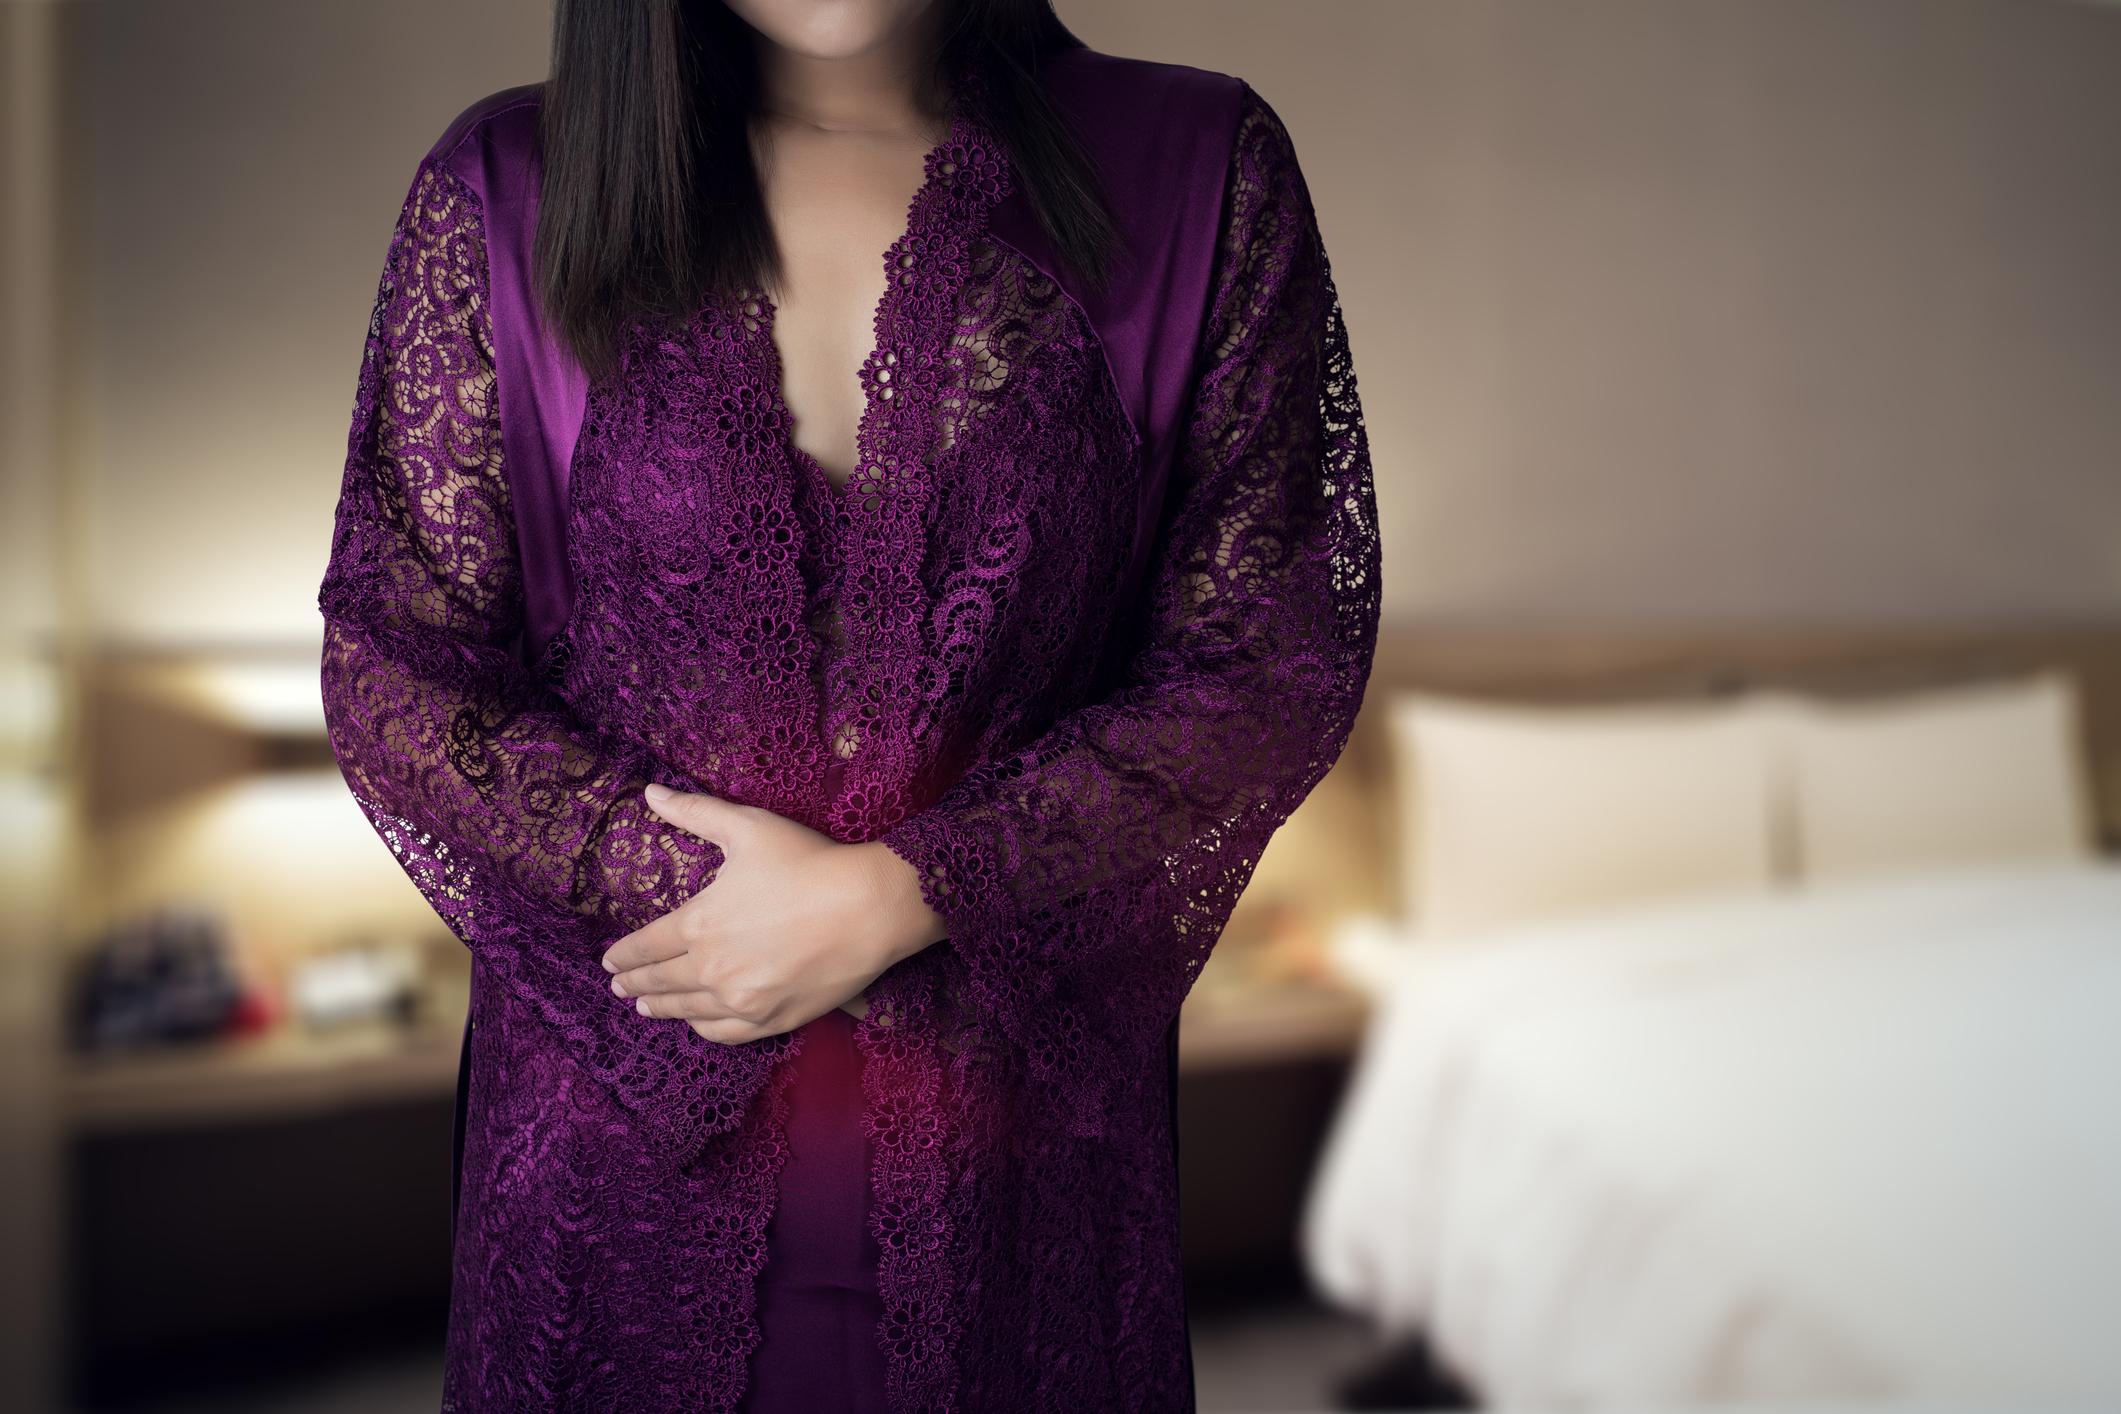 Drugi najčešći karcinom u žena je rak vrata maternice. Odazovite se ovoj akciji.